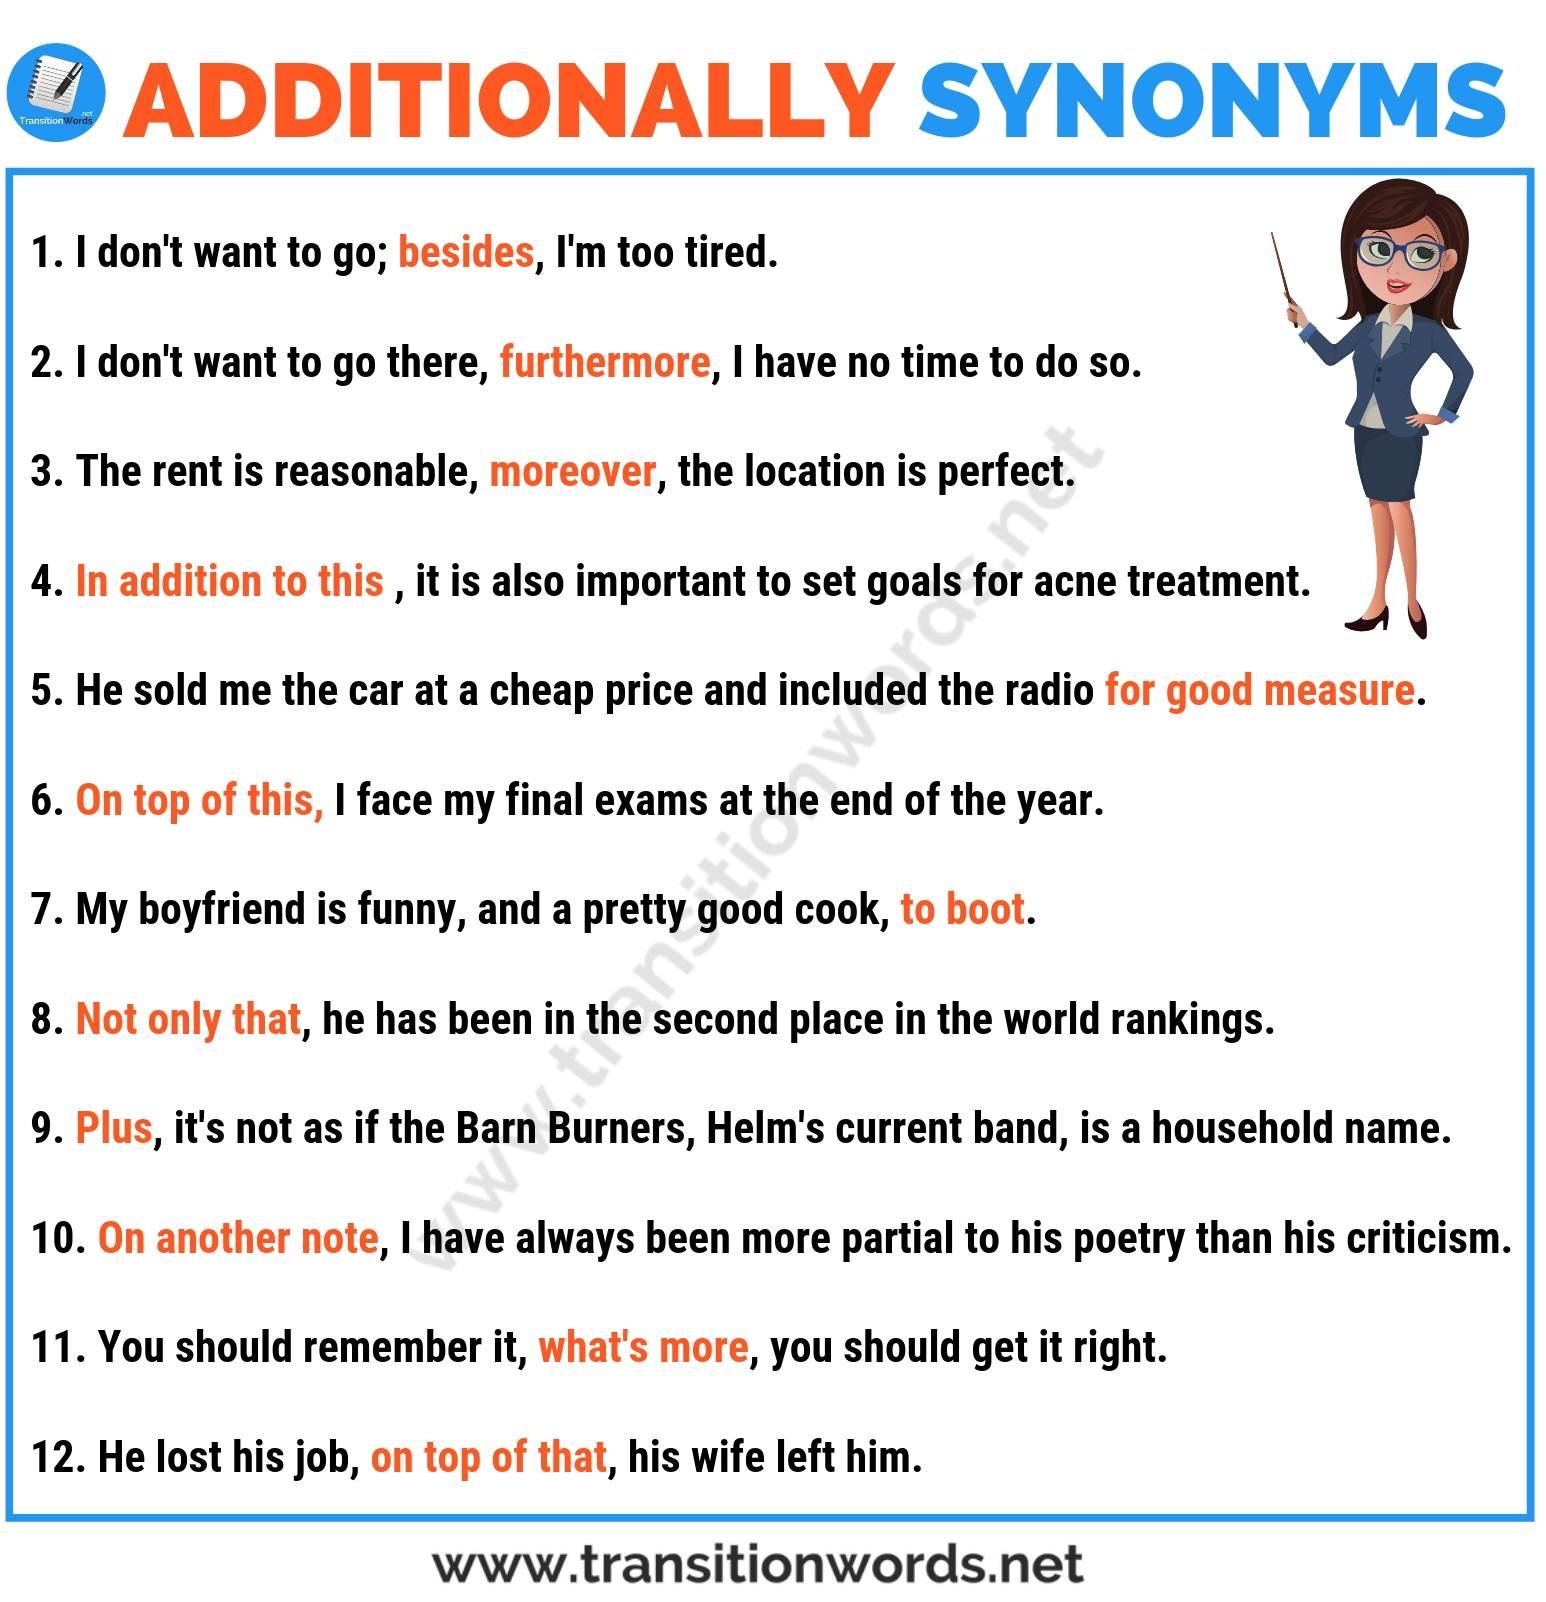 Additionally synonym